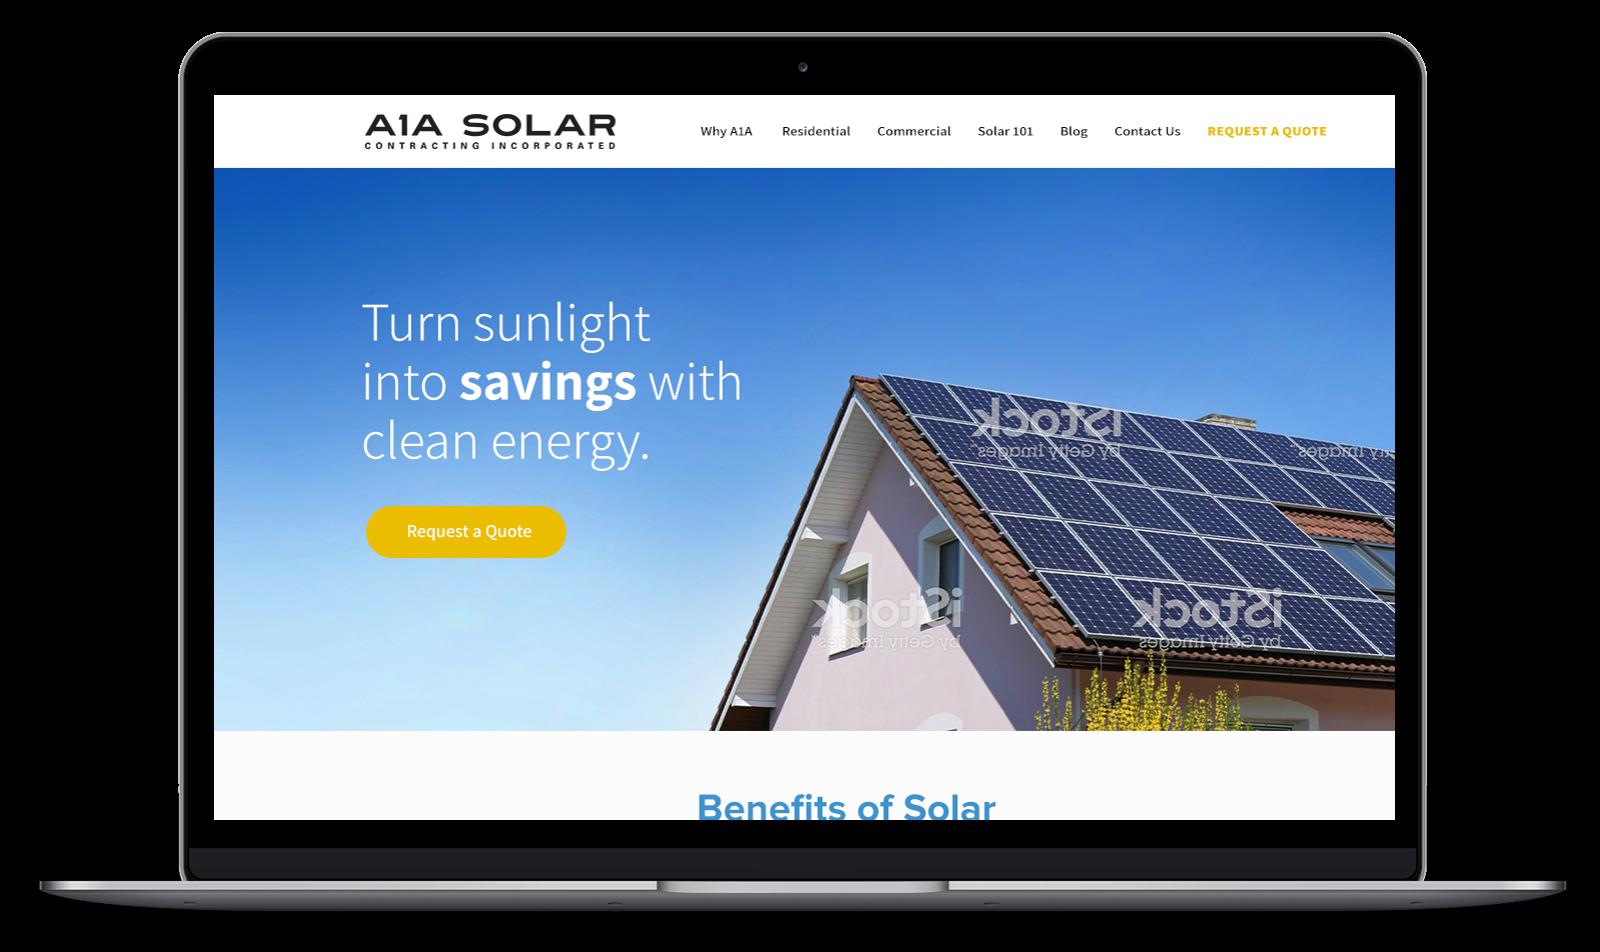 A1A Solar